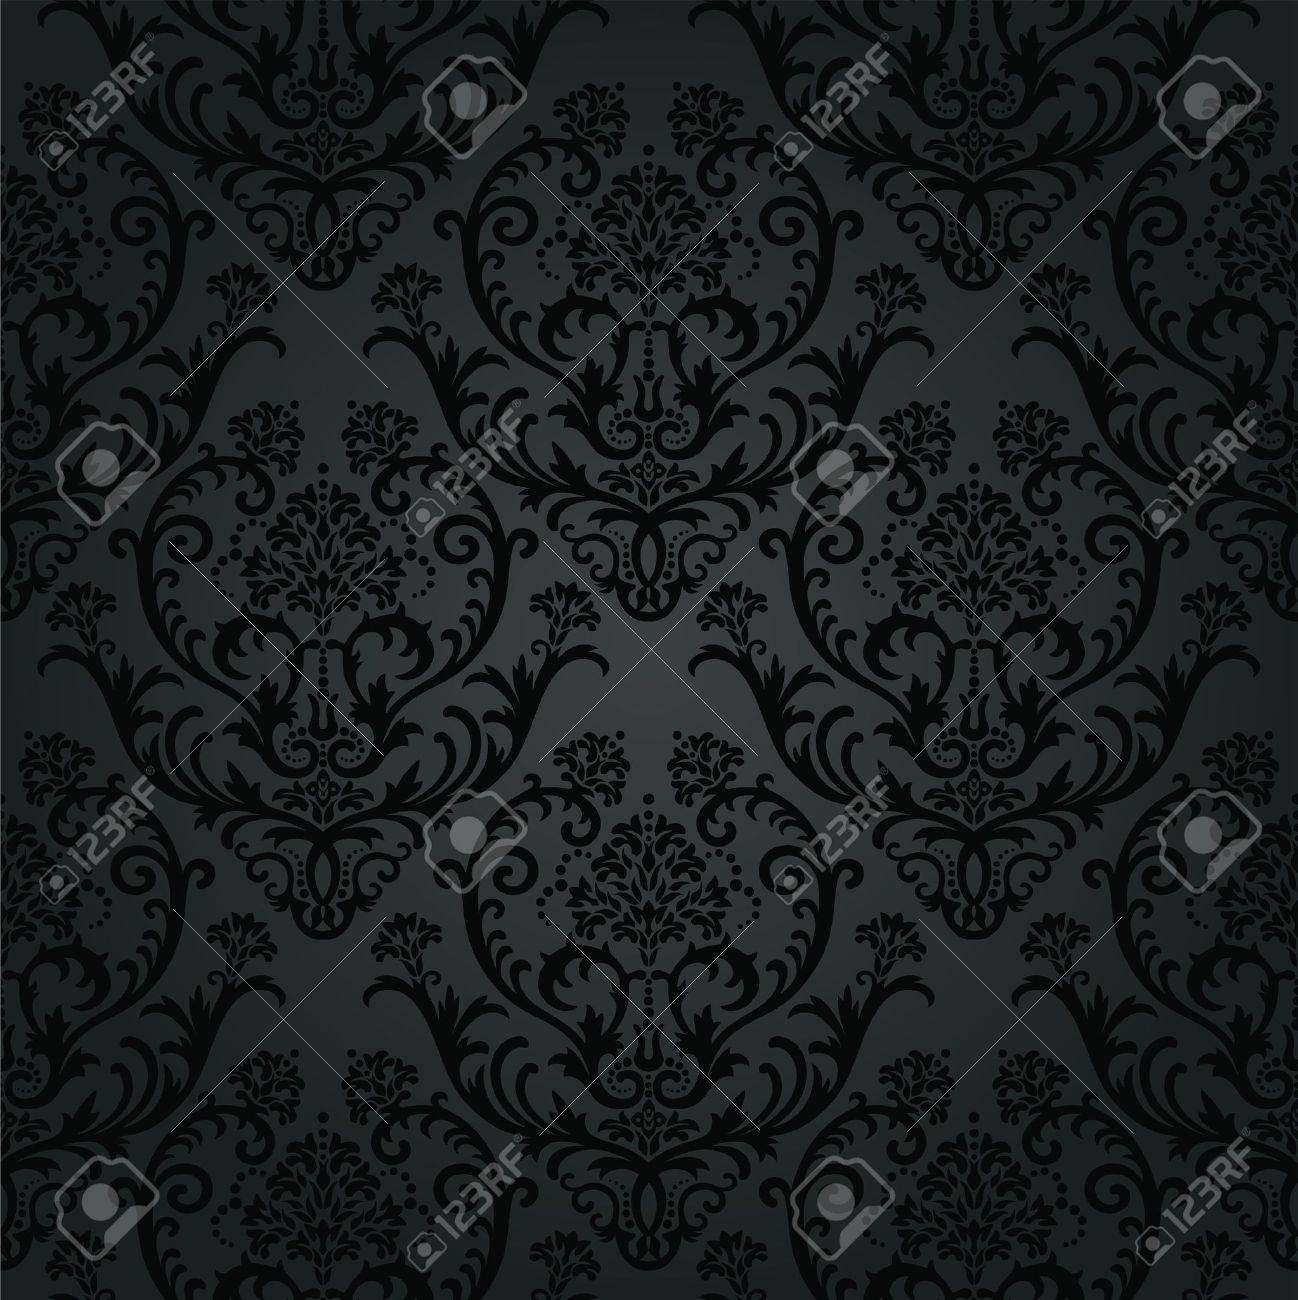 Carta Da Parati Nera carboncino nero di lusso modello carta da parati floreale. questa immagine  è una illustrazione vettoriale.